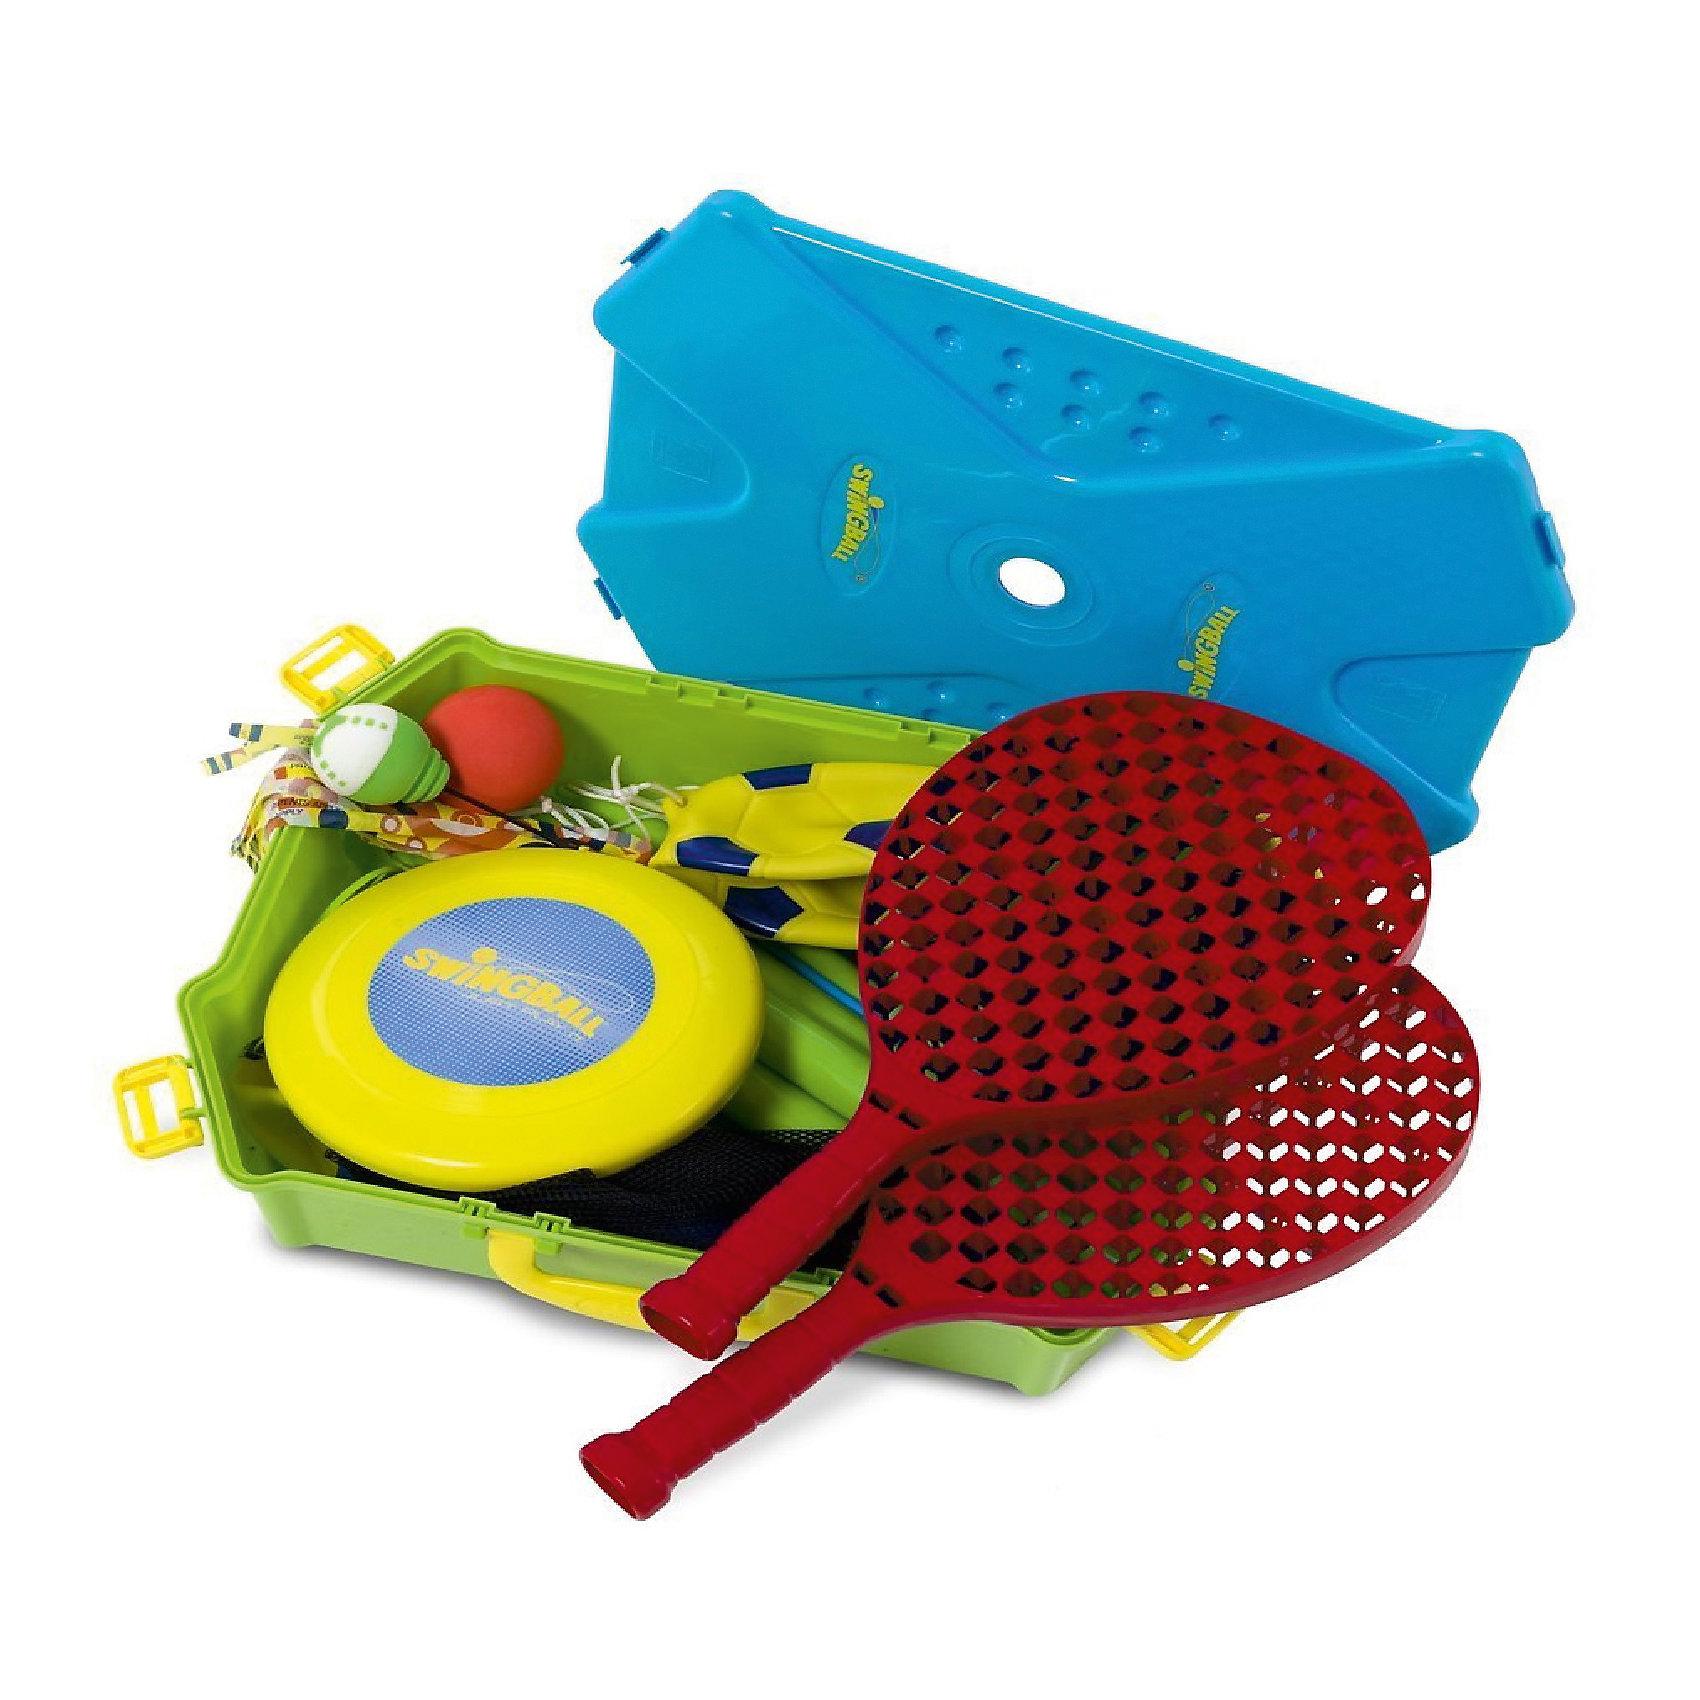 Набор спортивных  игр 5-в-1, Mookie5 в 1 - набор спортивных игр, созданный специально для любителей активного отдыха. В наборе детали для пяти игр: волейбол, бадминтон, теннис, фрисби, футбол. Для большей устойчивости стойку можно заполнить песком или водой. Все игры легко собираются, разбираются и удобно хранятся в кейсе. С этим набором ребенок всегда сможет провести время с пользой.<br><br>Дополнительная информация:<br>Размер: 14х33х42 см<br>Вес: 1058 грамм<br>Вы можете купить набор 5 в 1 в нашем интернет-магазине.<br><br>Ширина мм: 420<br>Глубина мм: 330<br>Высота мм: 140<br>Вес г: 1058<br>Возраст от месяцев: 72<br>Возраст до месяцев: 120<br>Пол: Унисекс<br>Возраст: Детский<br>SKU: 4953648